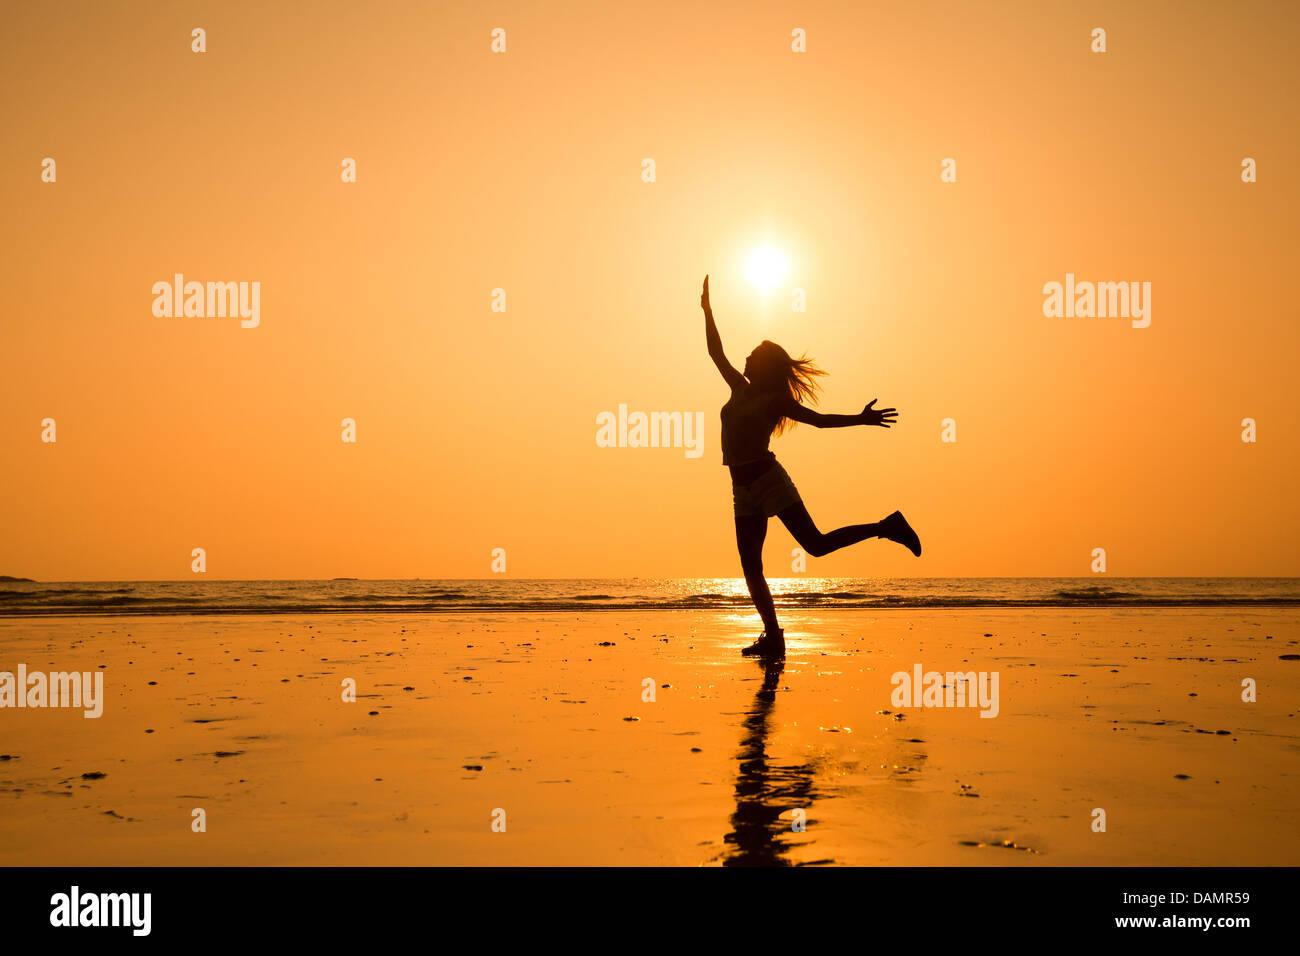 Silueta abstracta de feliz saltando joven niña, vida sana Imagen De Stock